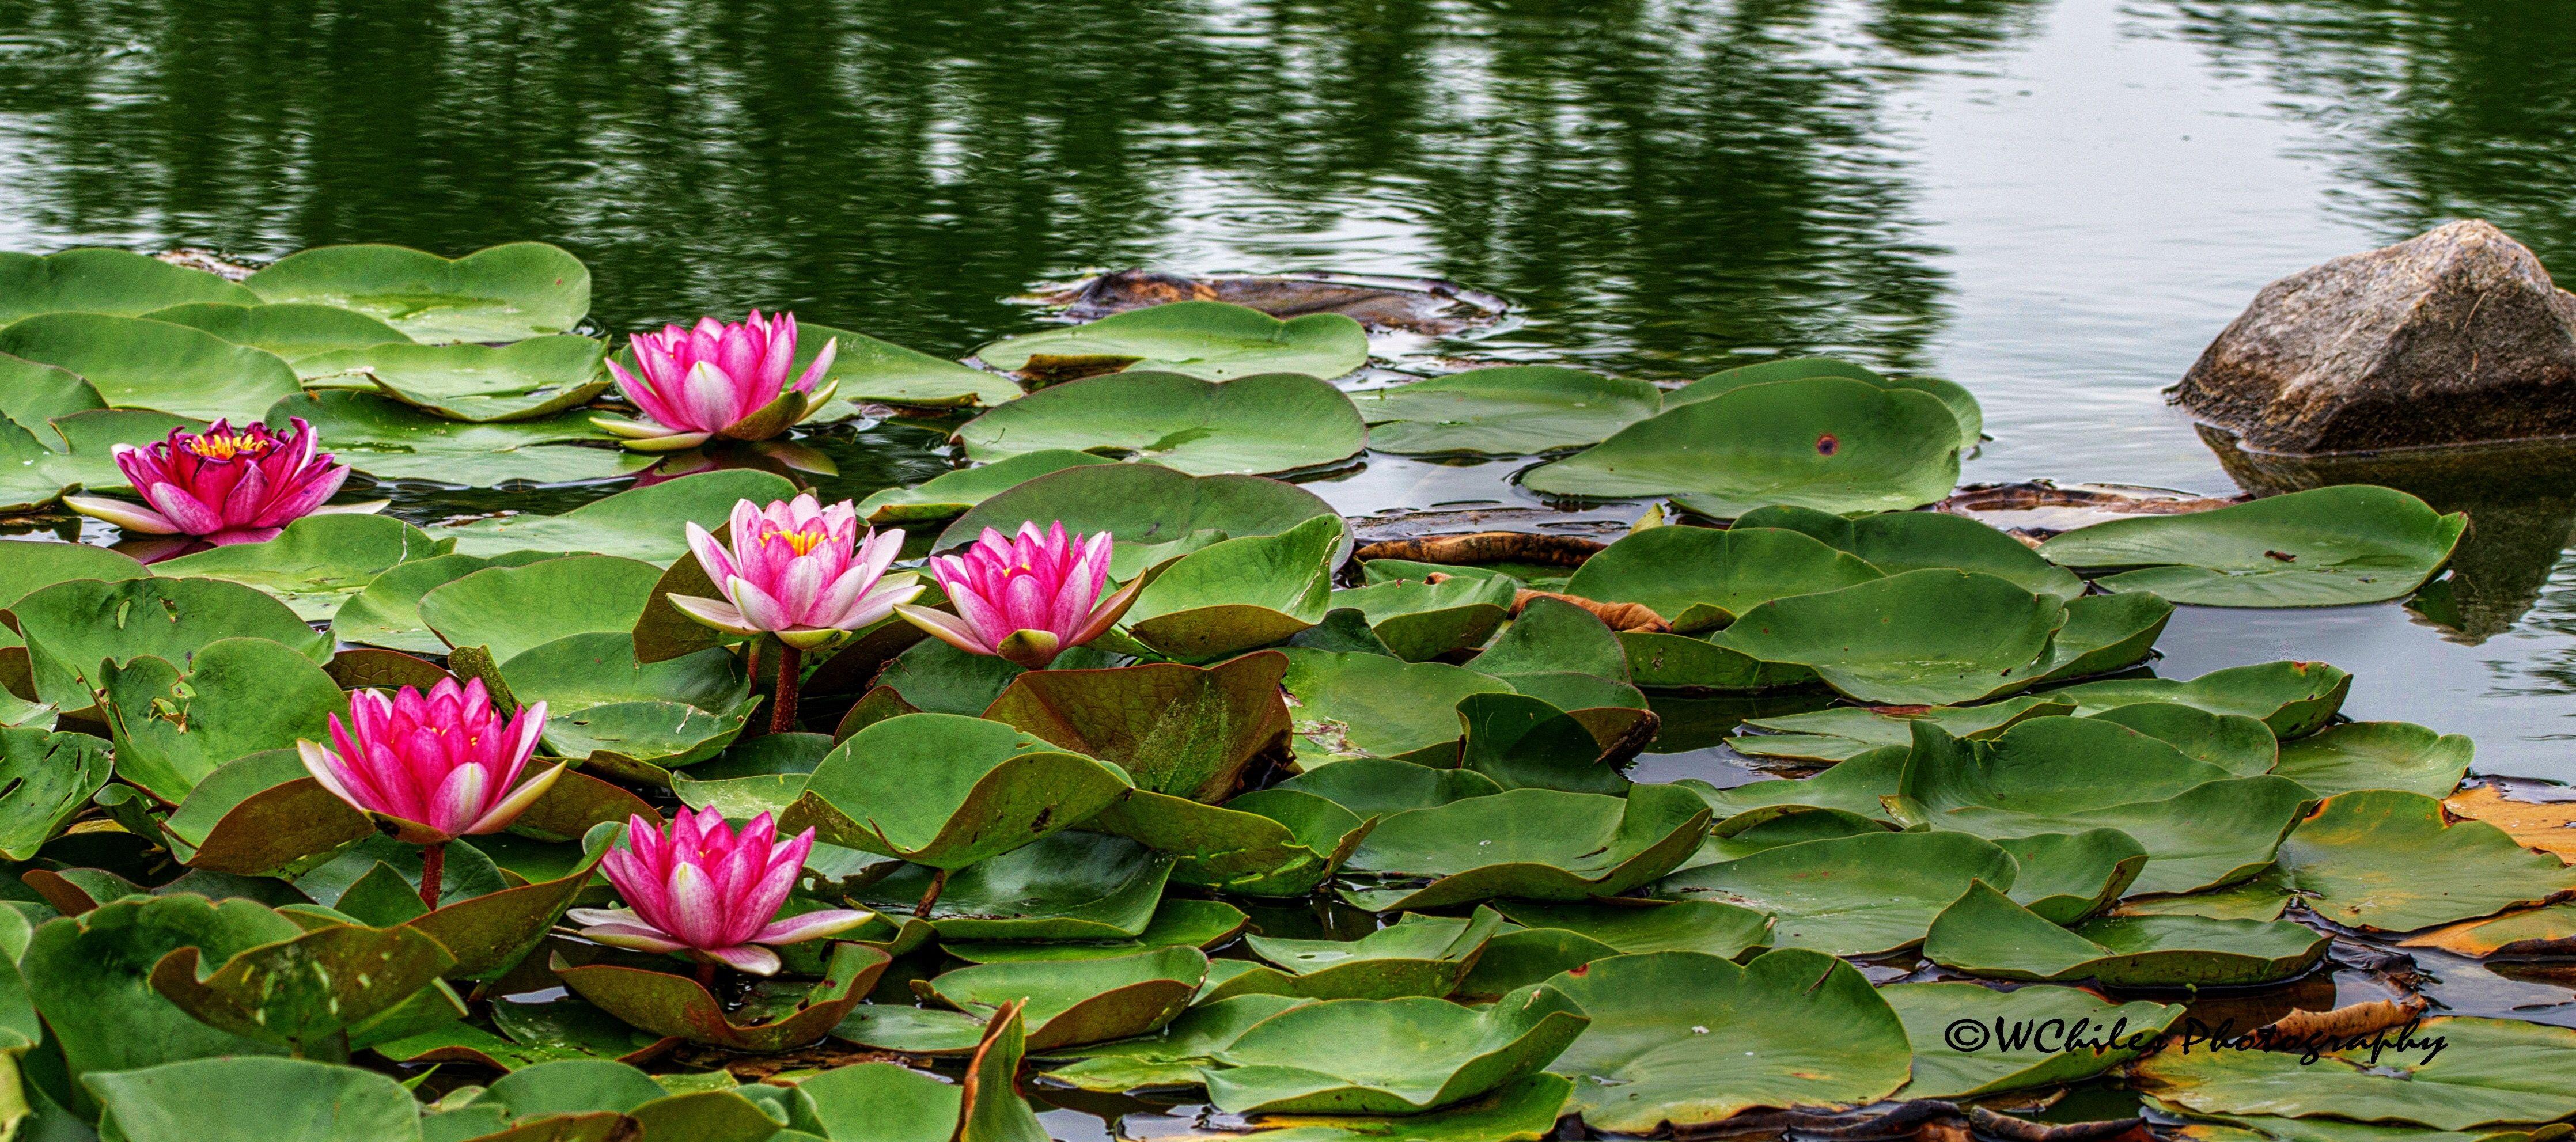 Pin by Yukoen Garden On The Elkhorn on Yukoen Garden on